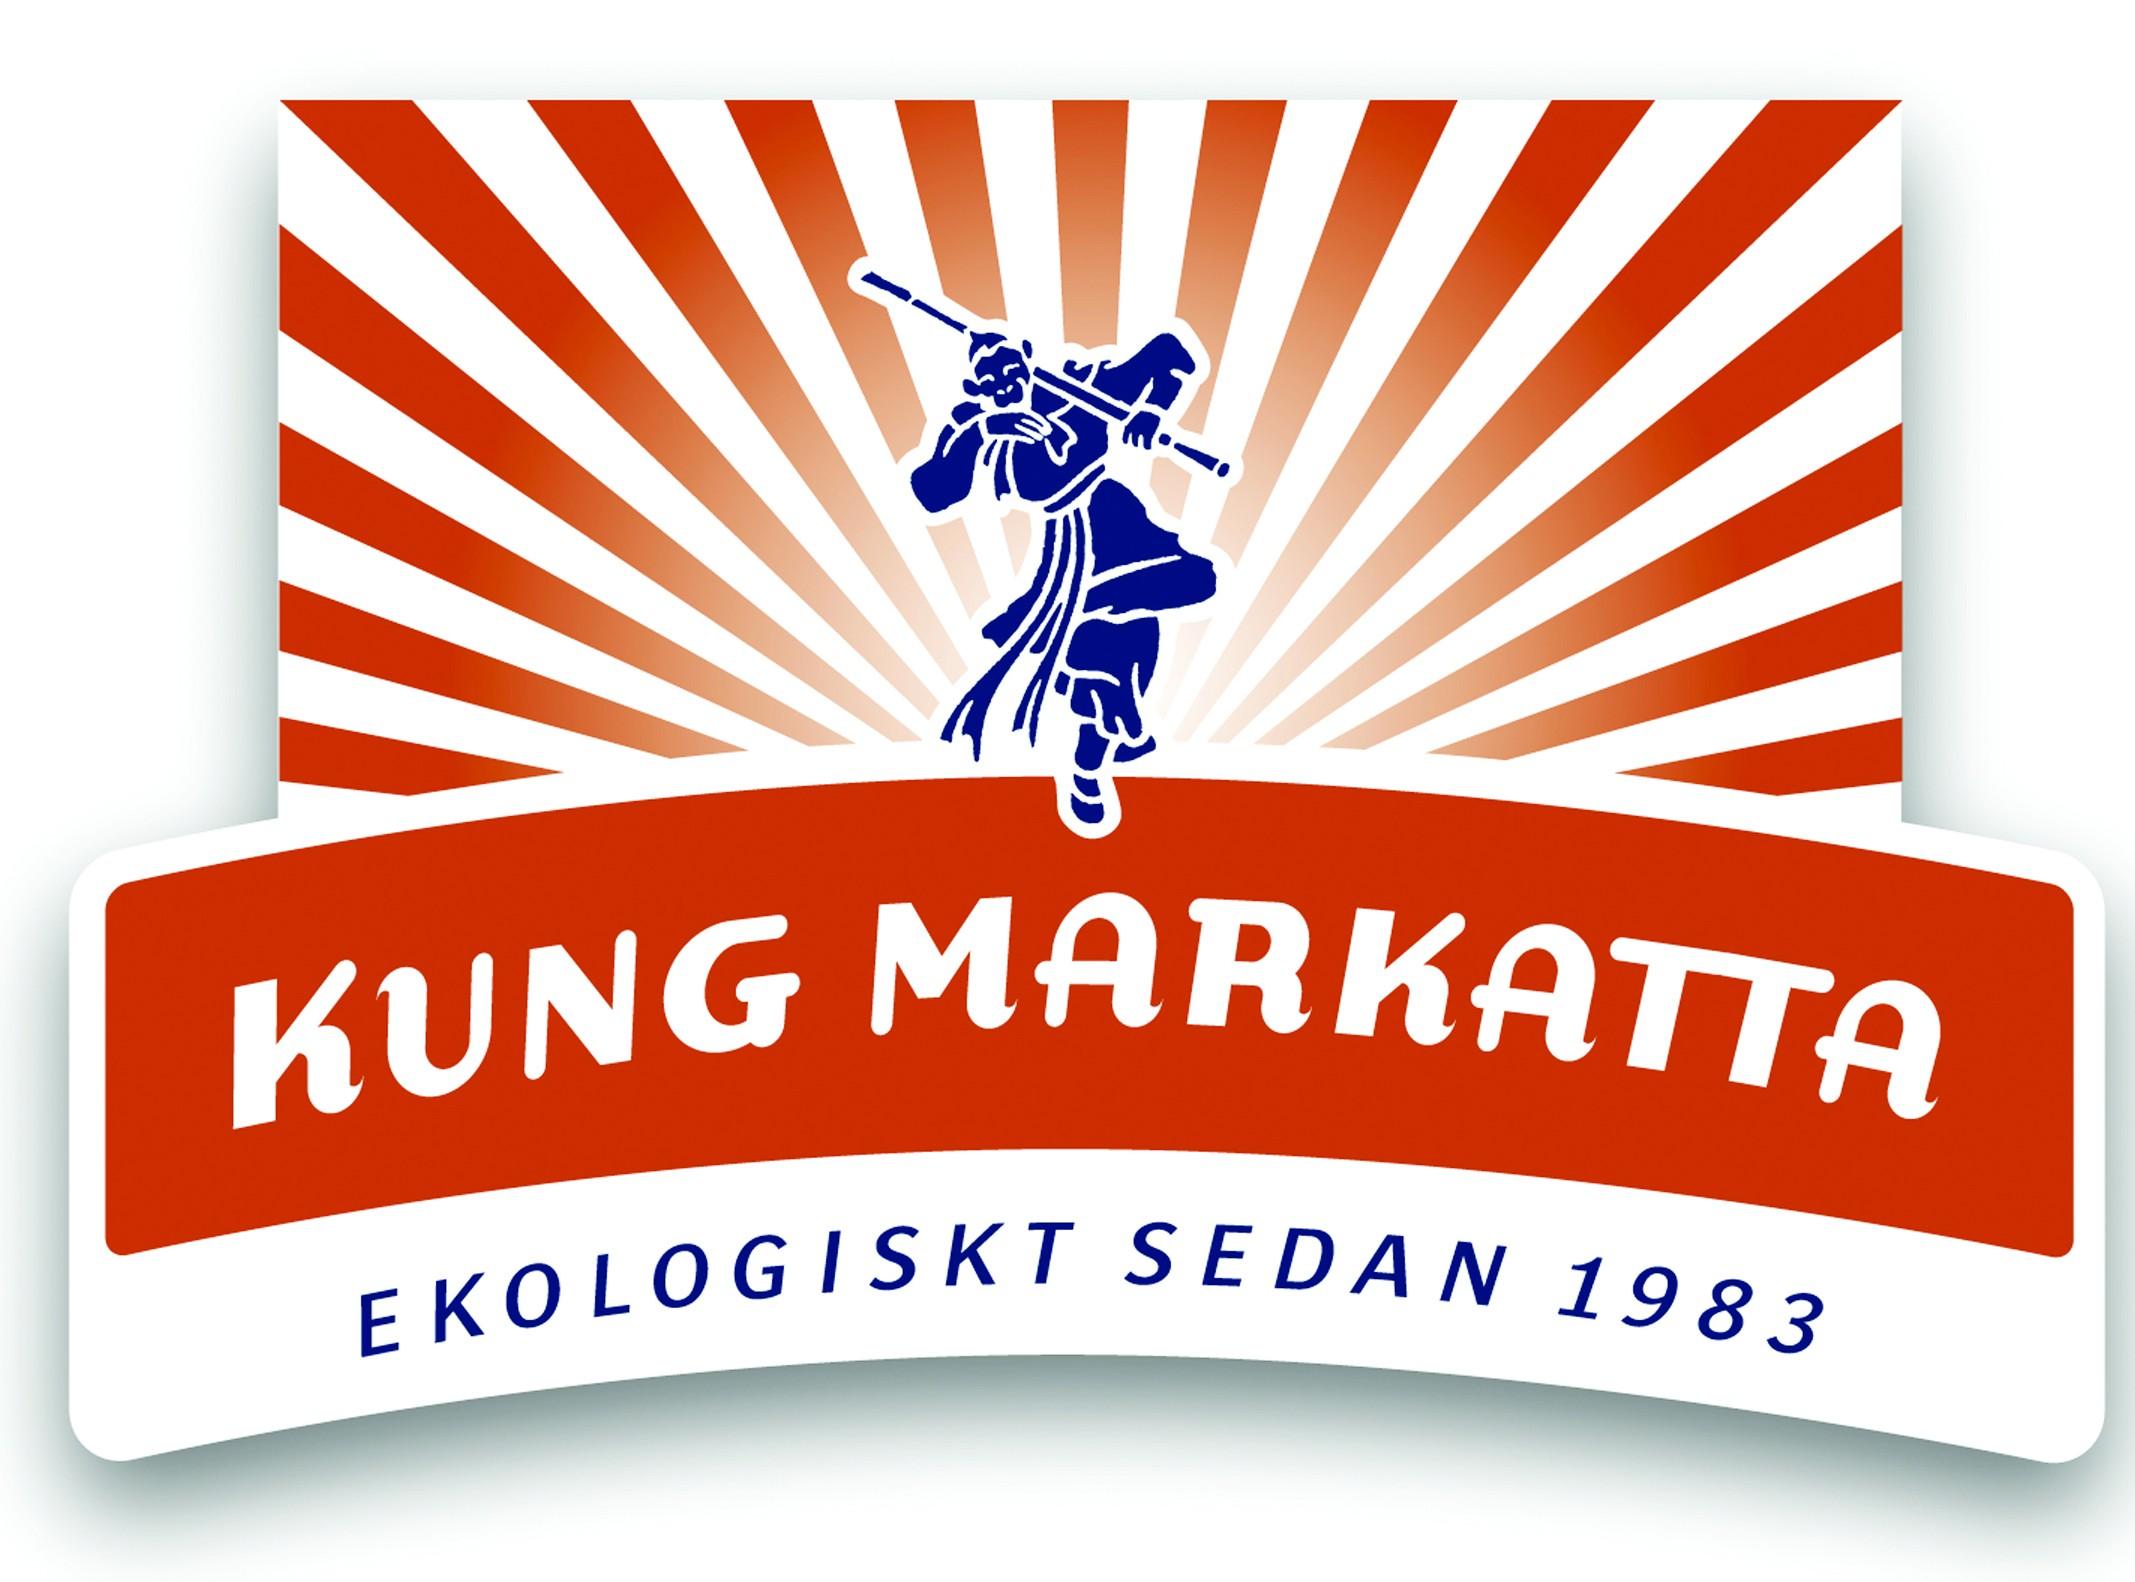 Kung Markatta Stora Inspirationsdagen